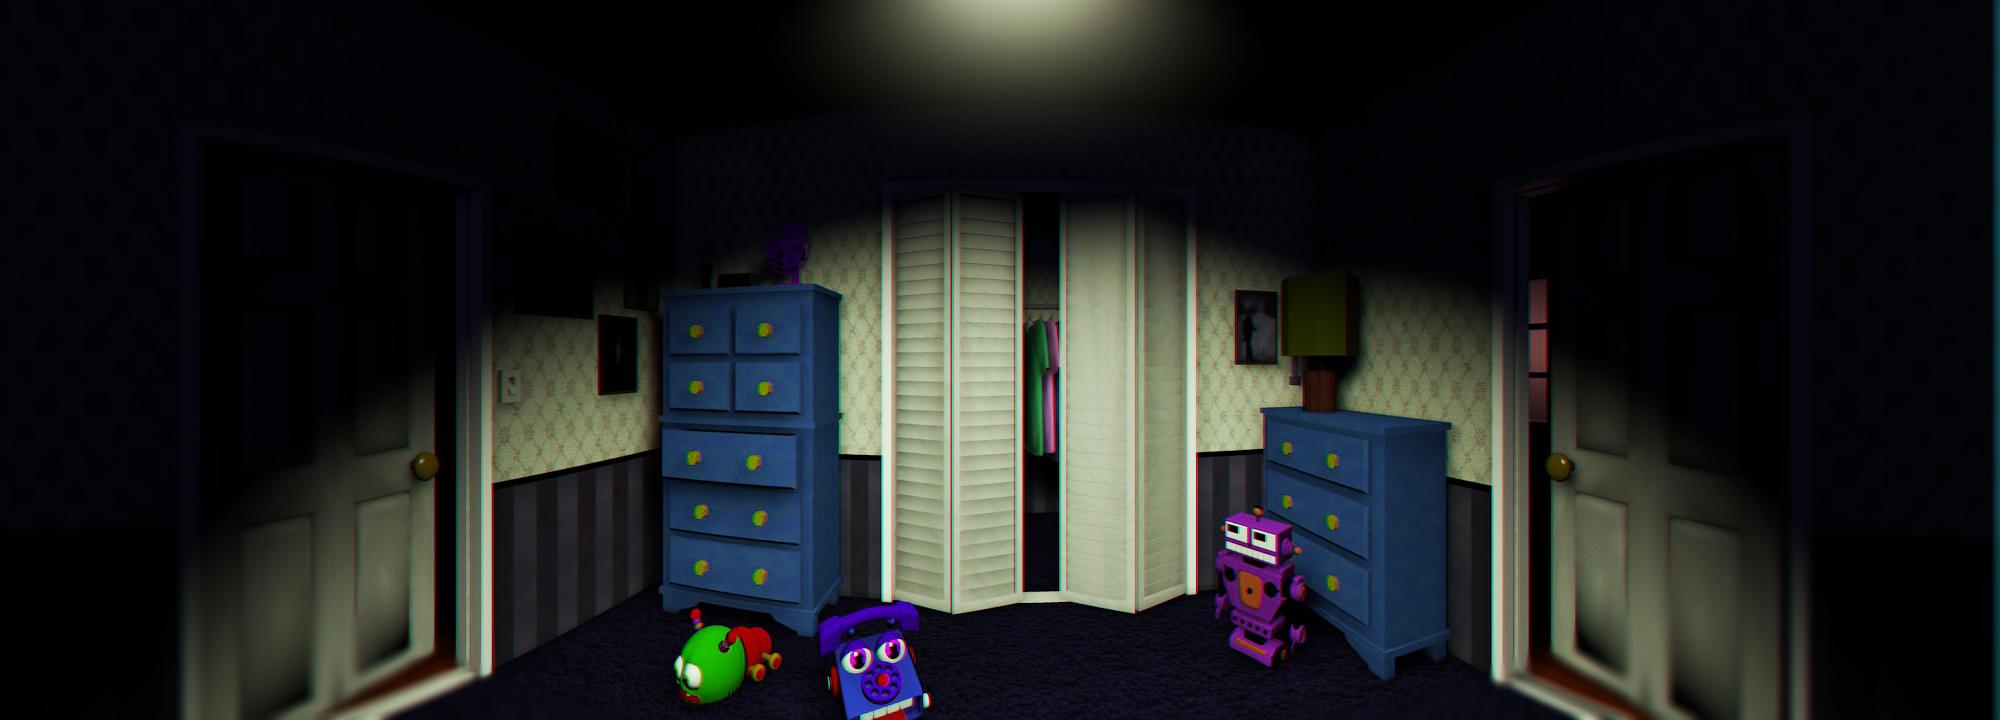 this is the fnaf 4 bed room  fnaf ultimate challenge